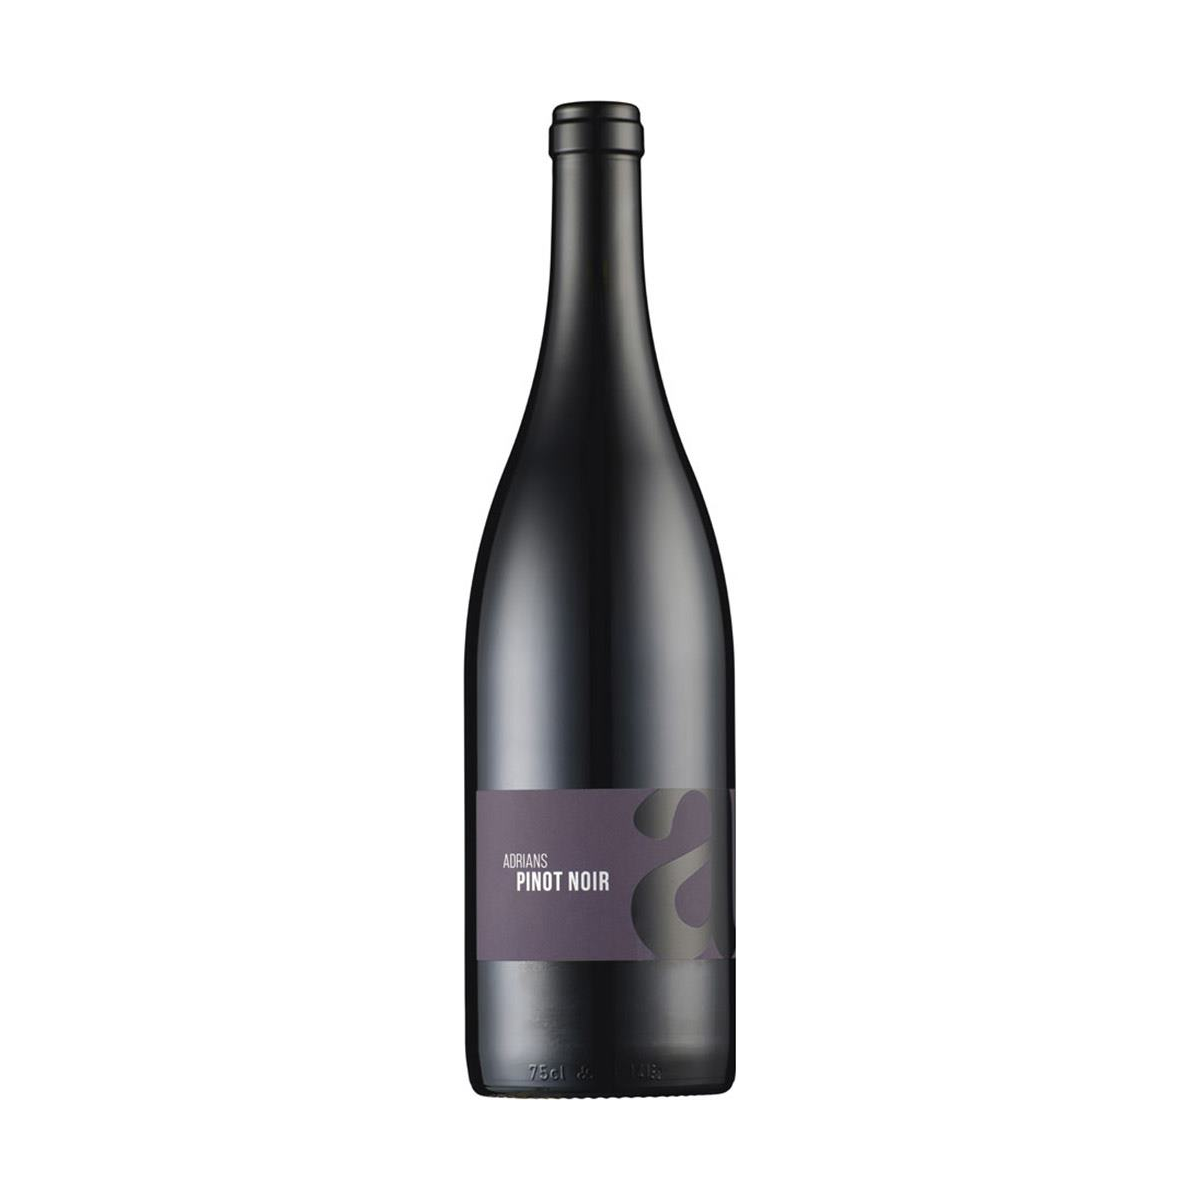 Adrians Pinot Noir 2017